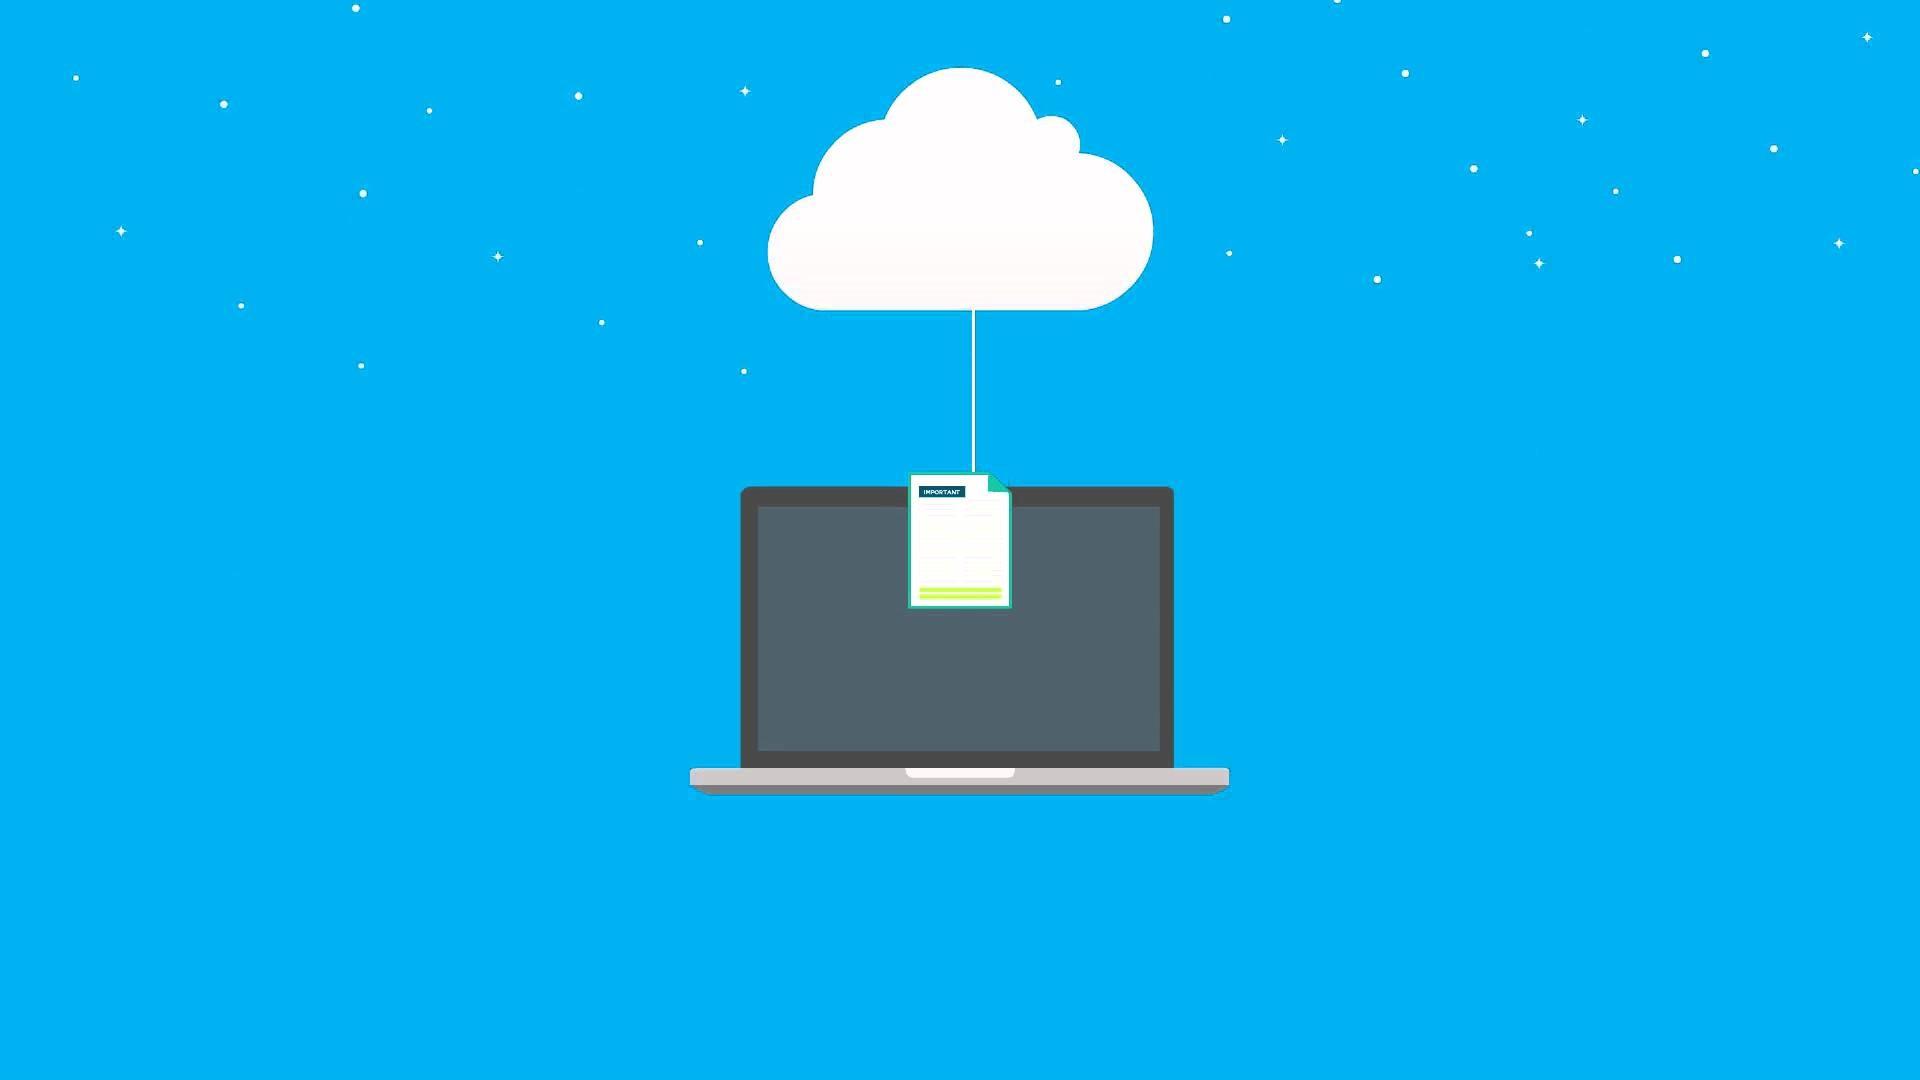 lưu trữ email trên nền tảng điện toán đám mây